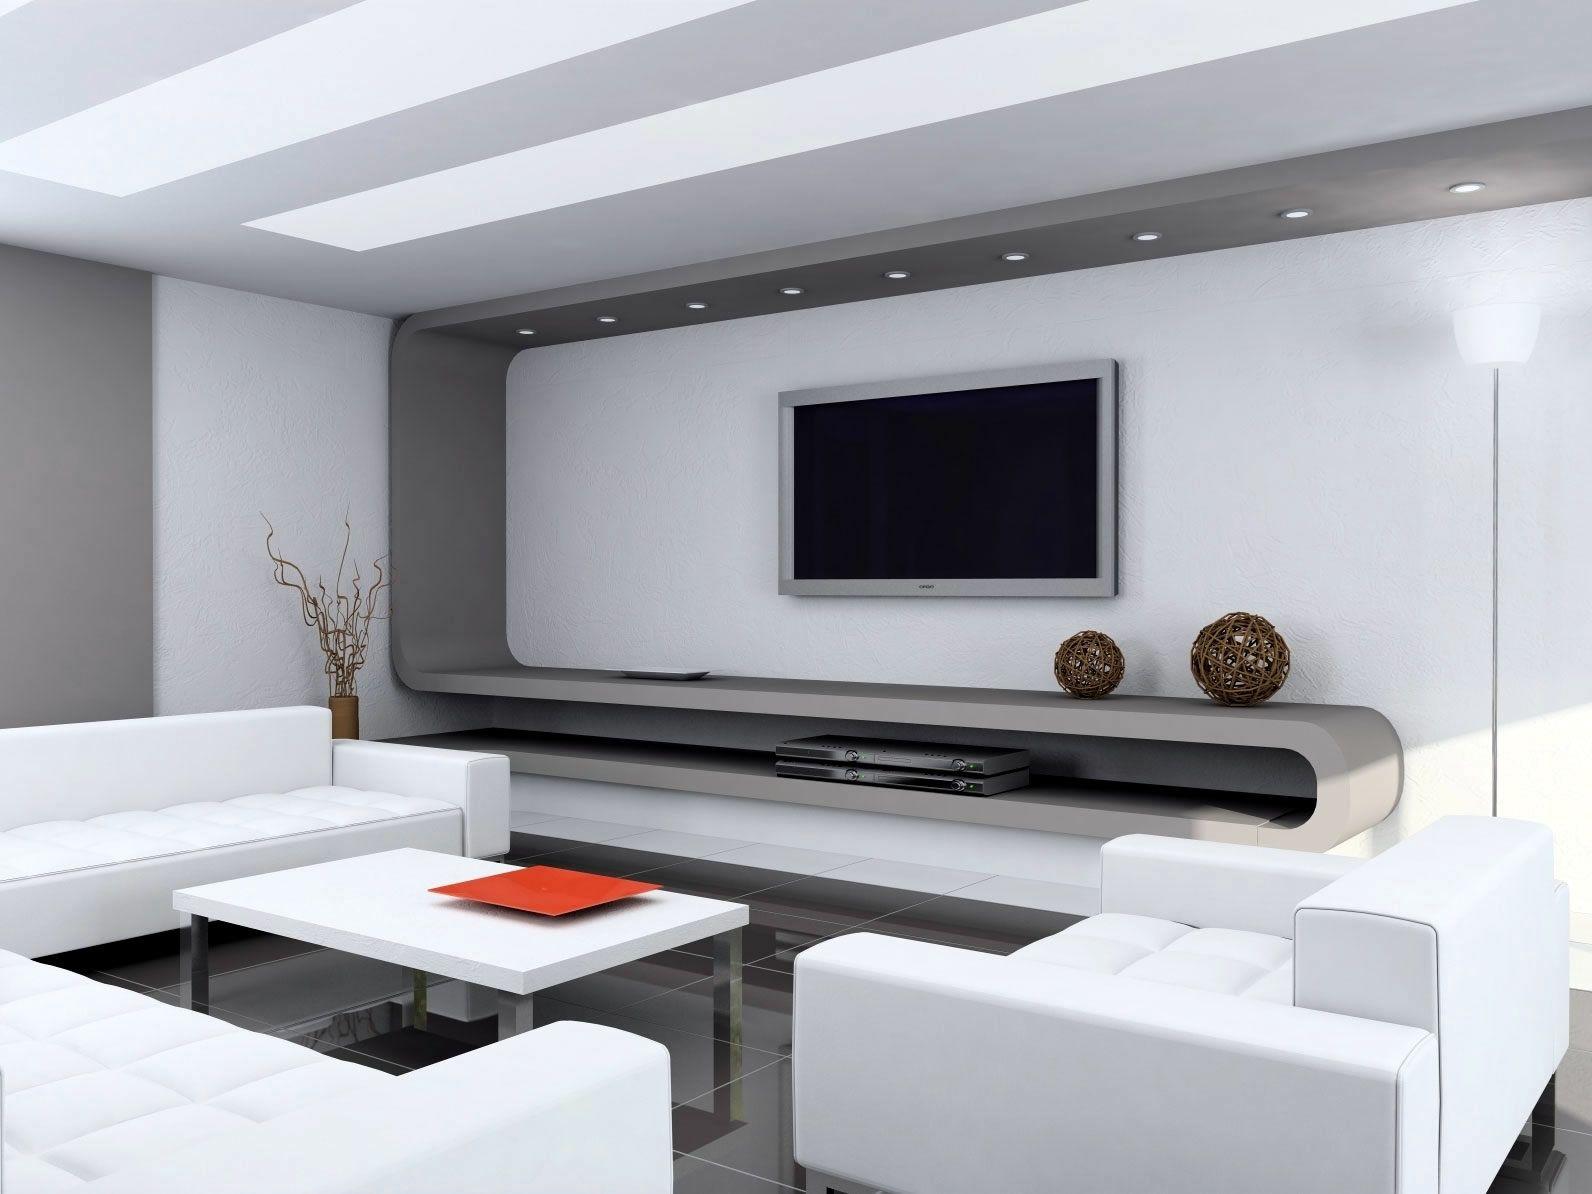 Designer Living Room Furniture 4 Jpg 1 592 1 194 Pixels Home  # Table De Television Moderne